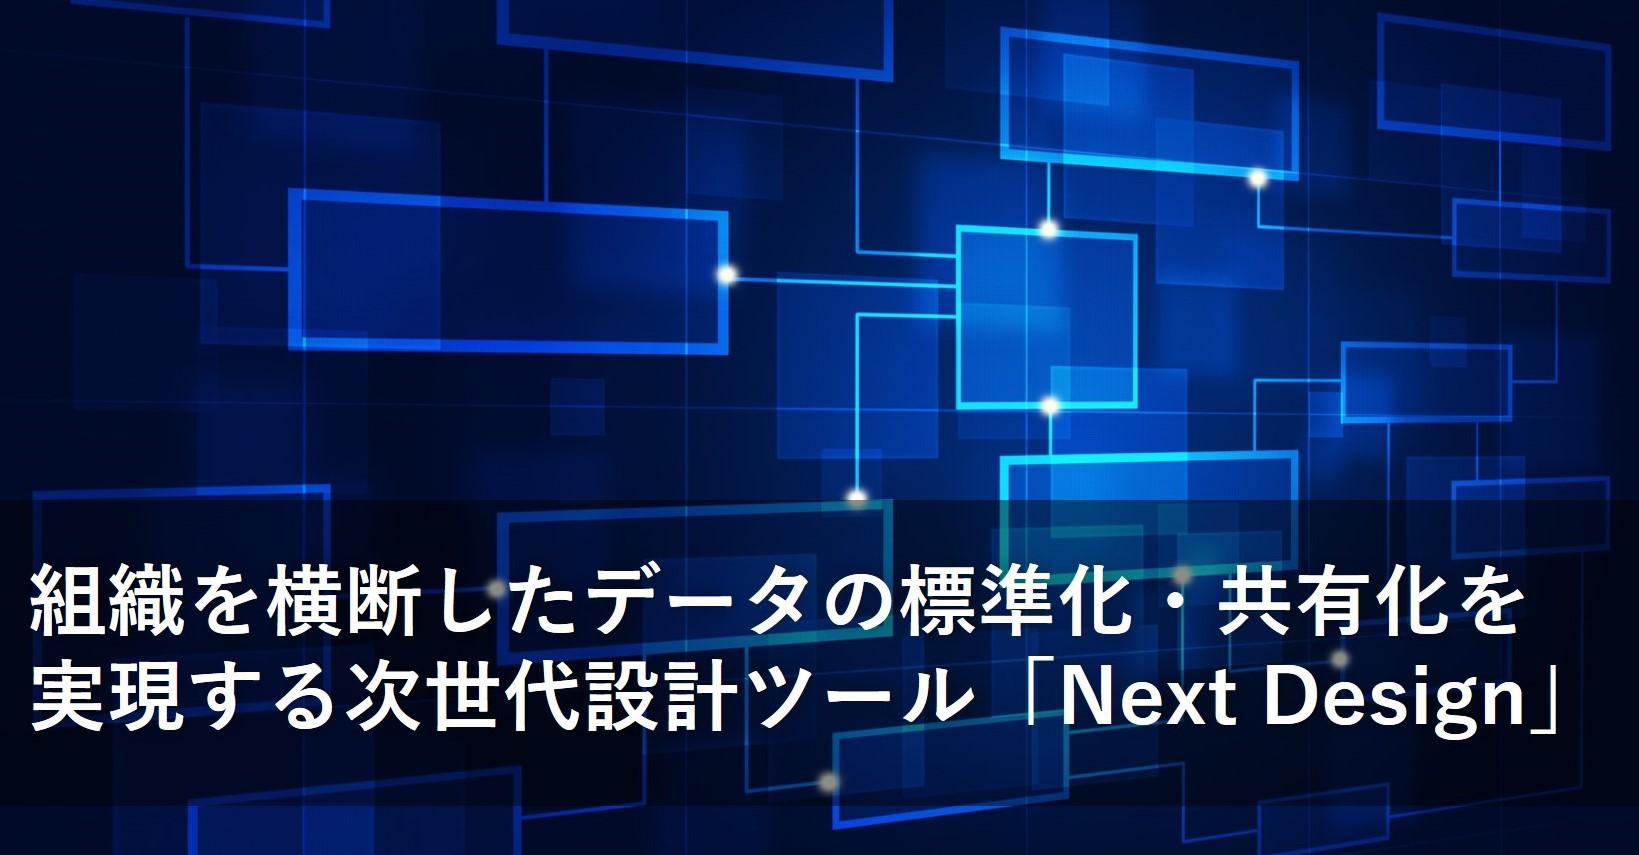 組織を横断したデータの標準化・共有化を実現する次世代設計ツール「Next Design」